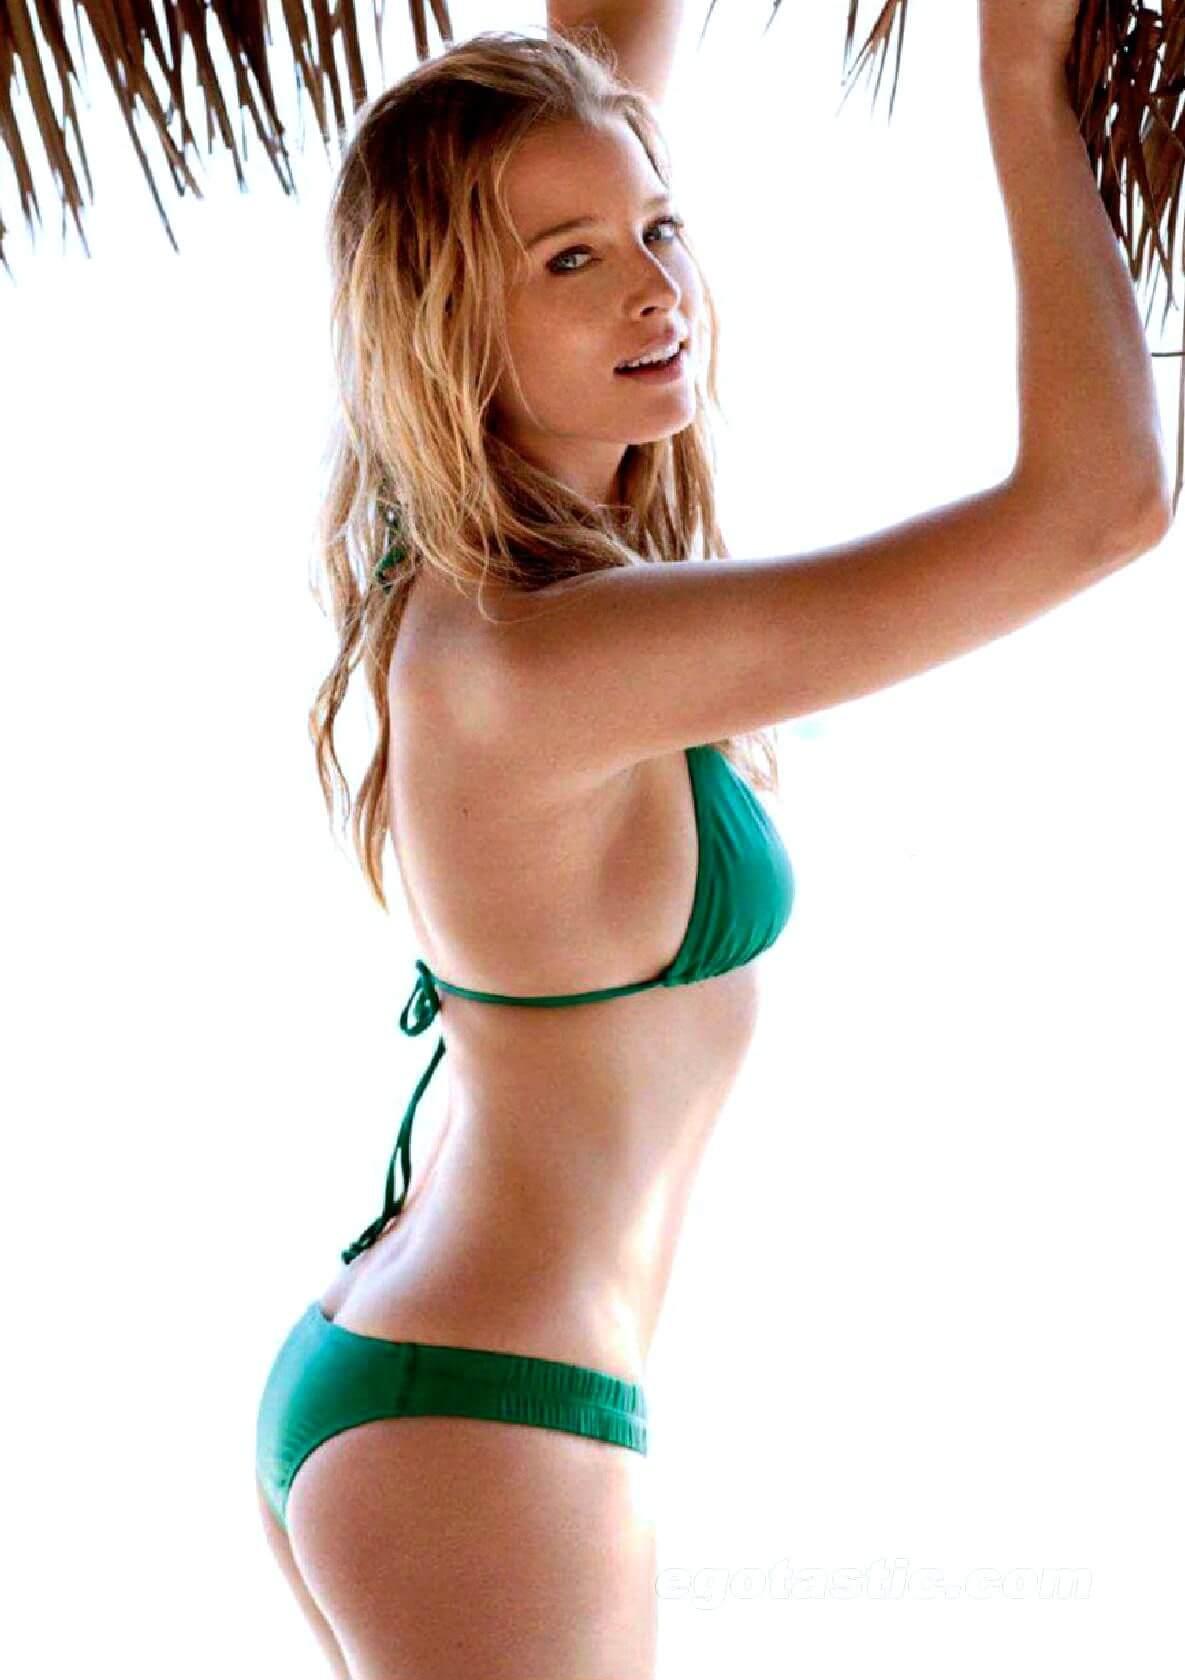 Rachel Nichols hot